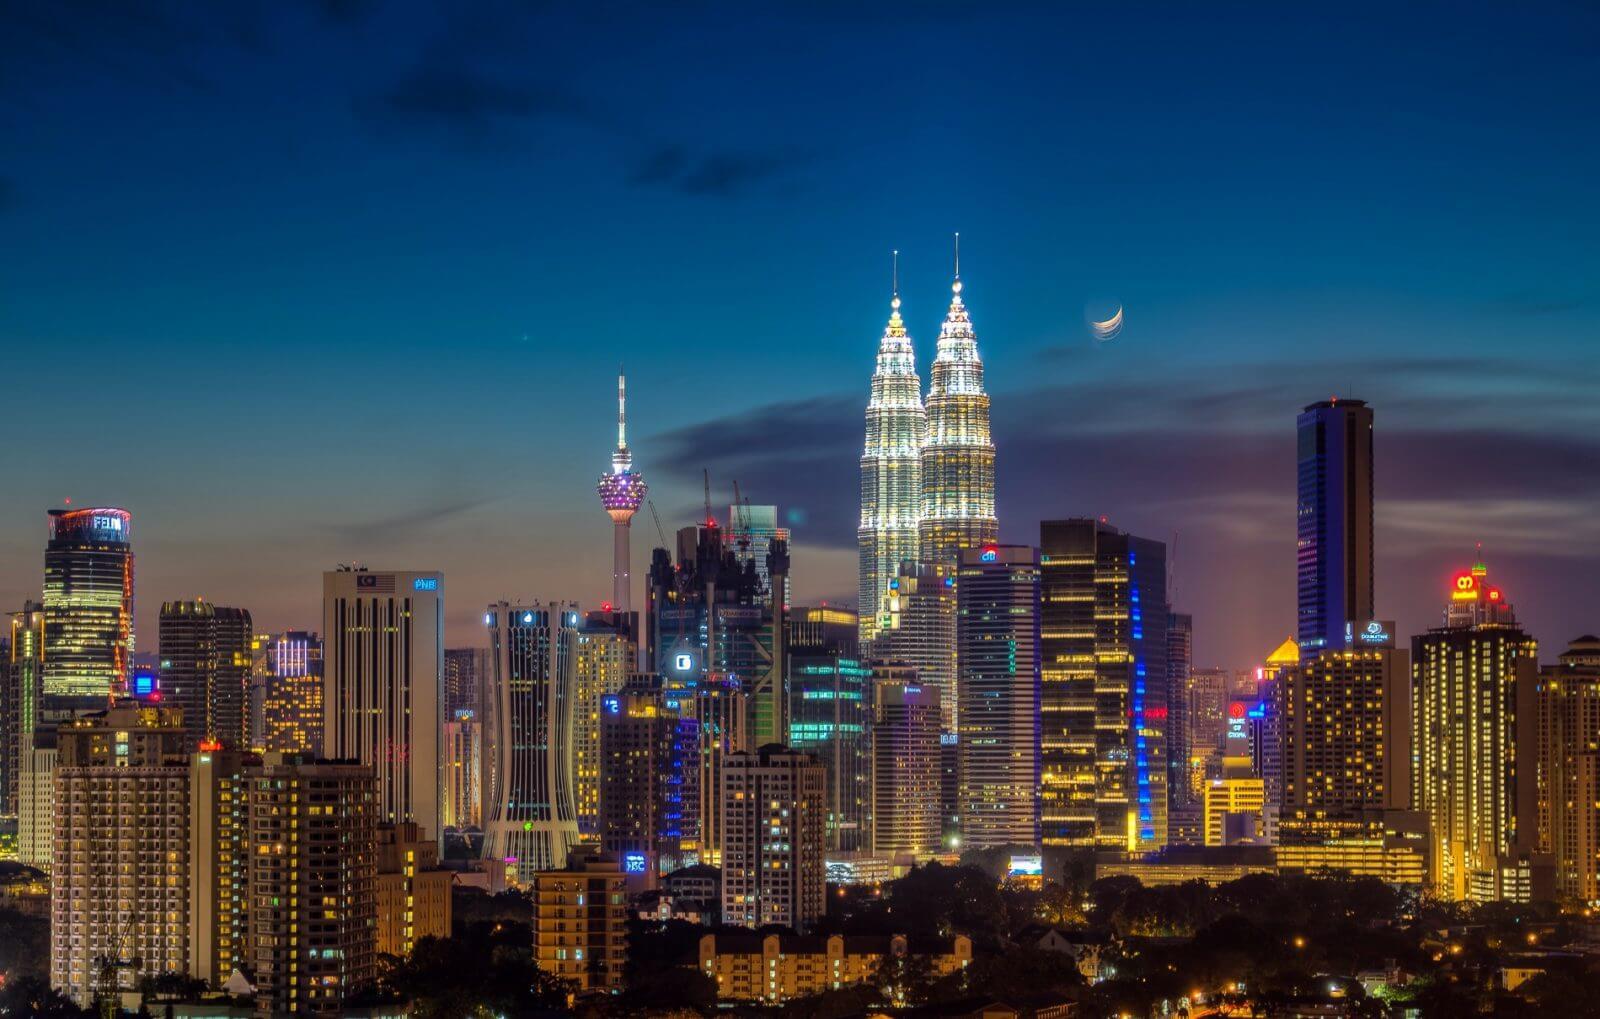 Widok na Petronas Towers w Kuala lumpur po zachodzie słońca